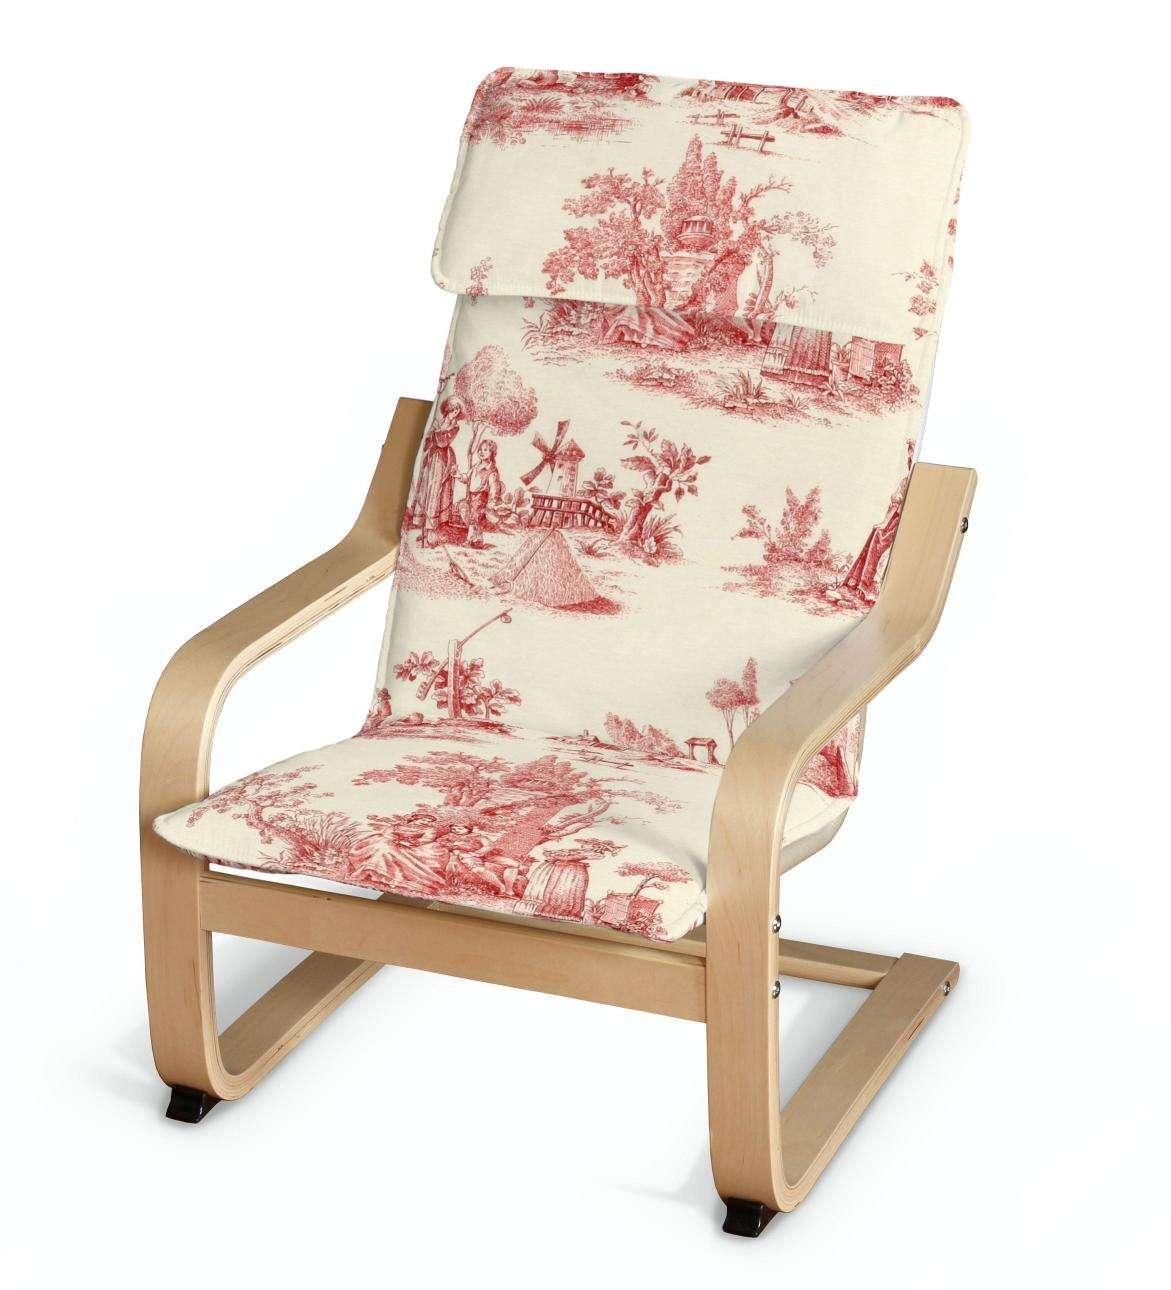 Poäng vaikų fotelio užvalkalas Poäng fotelis vaikams kolekcijoje Avinon, audinys: 132-15